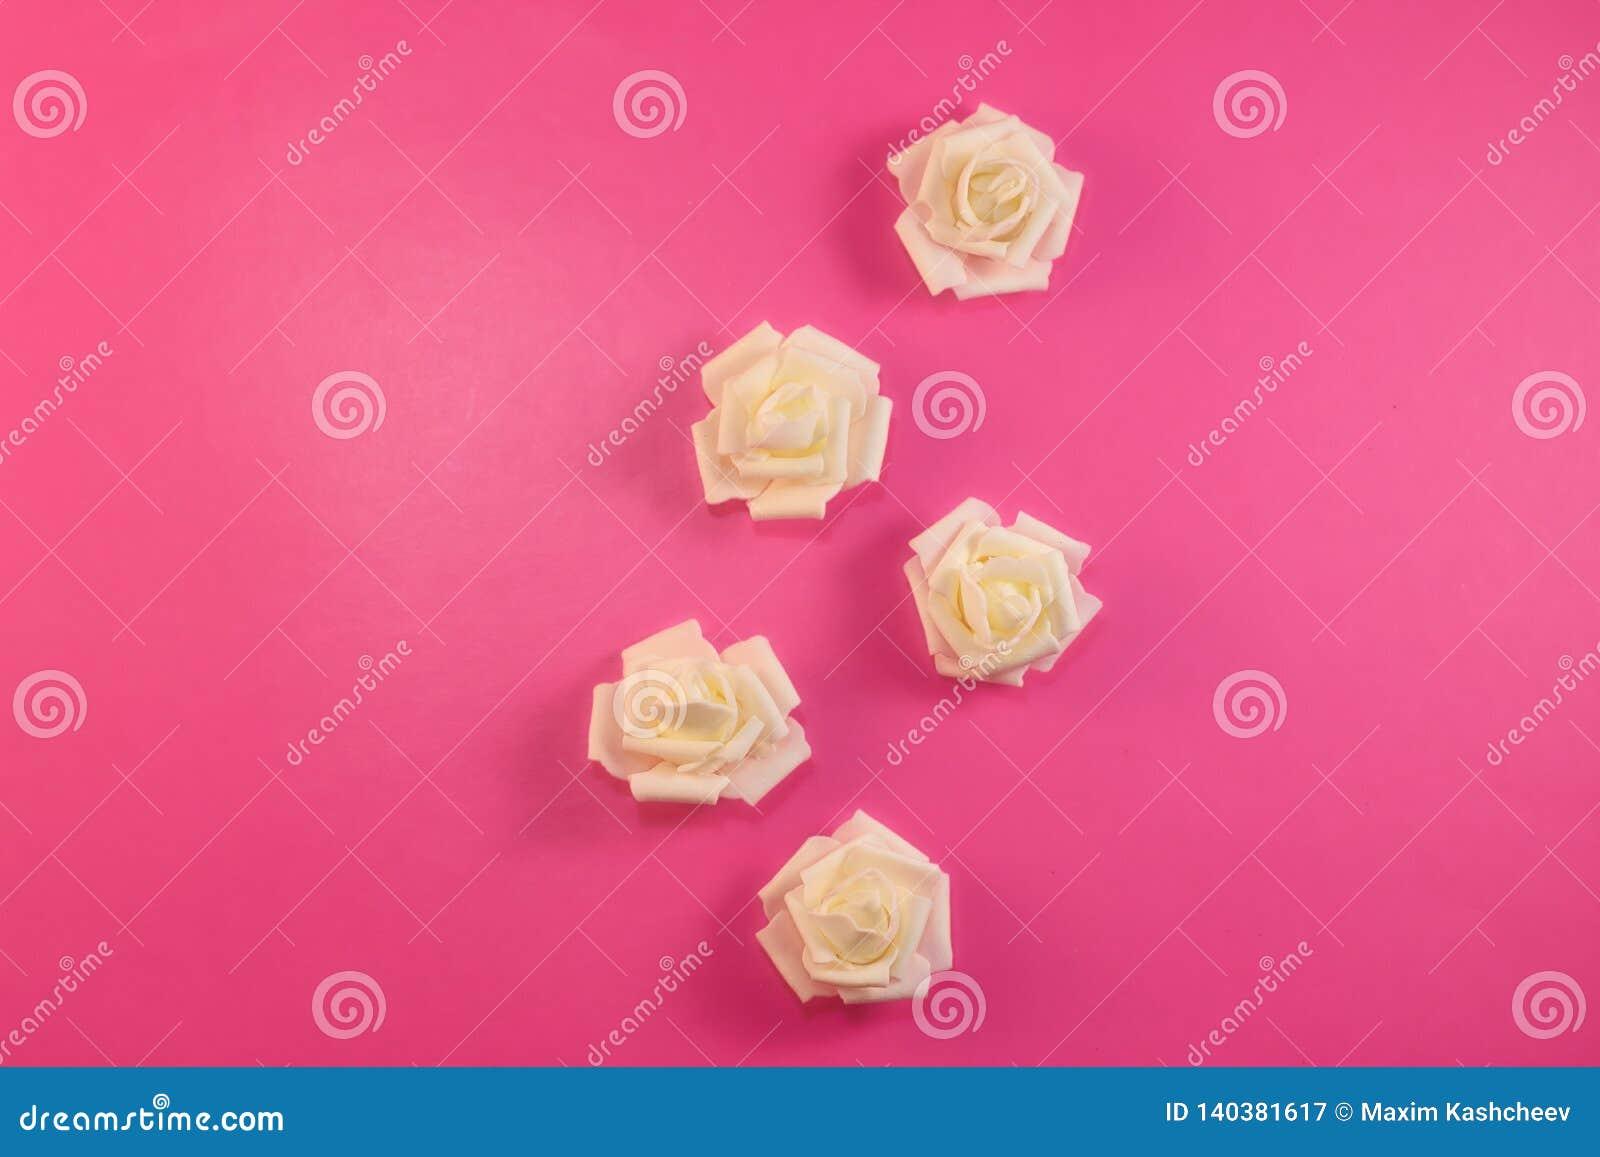 Modele as rosas brancas brancas no fundo do rosa pastel Configuração lisa, vista superior